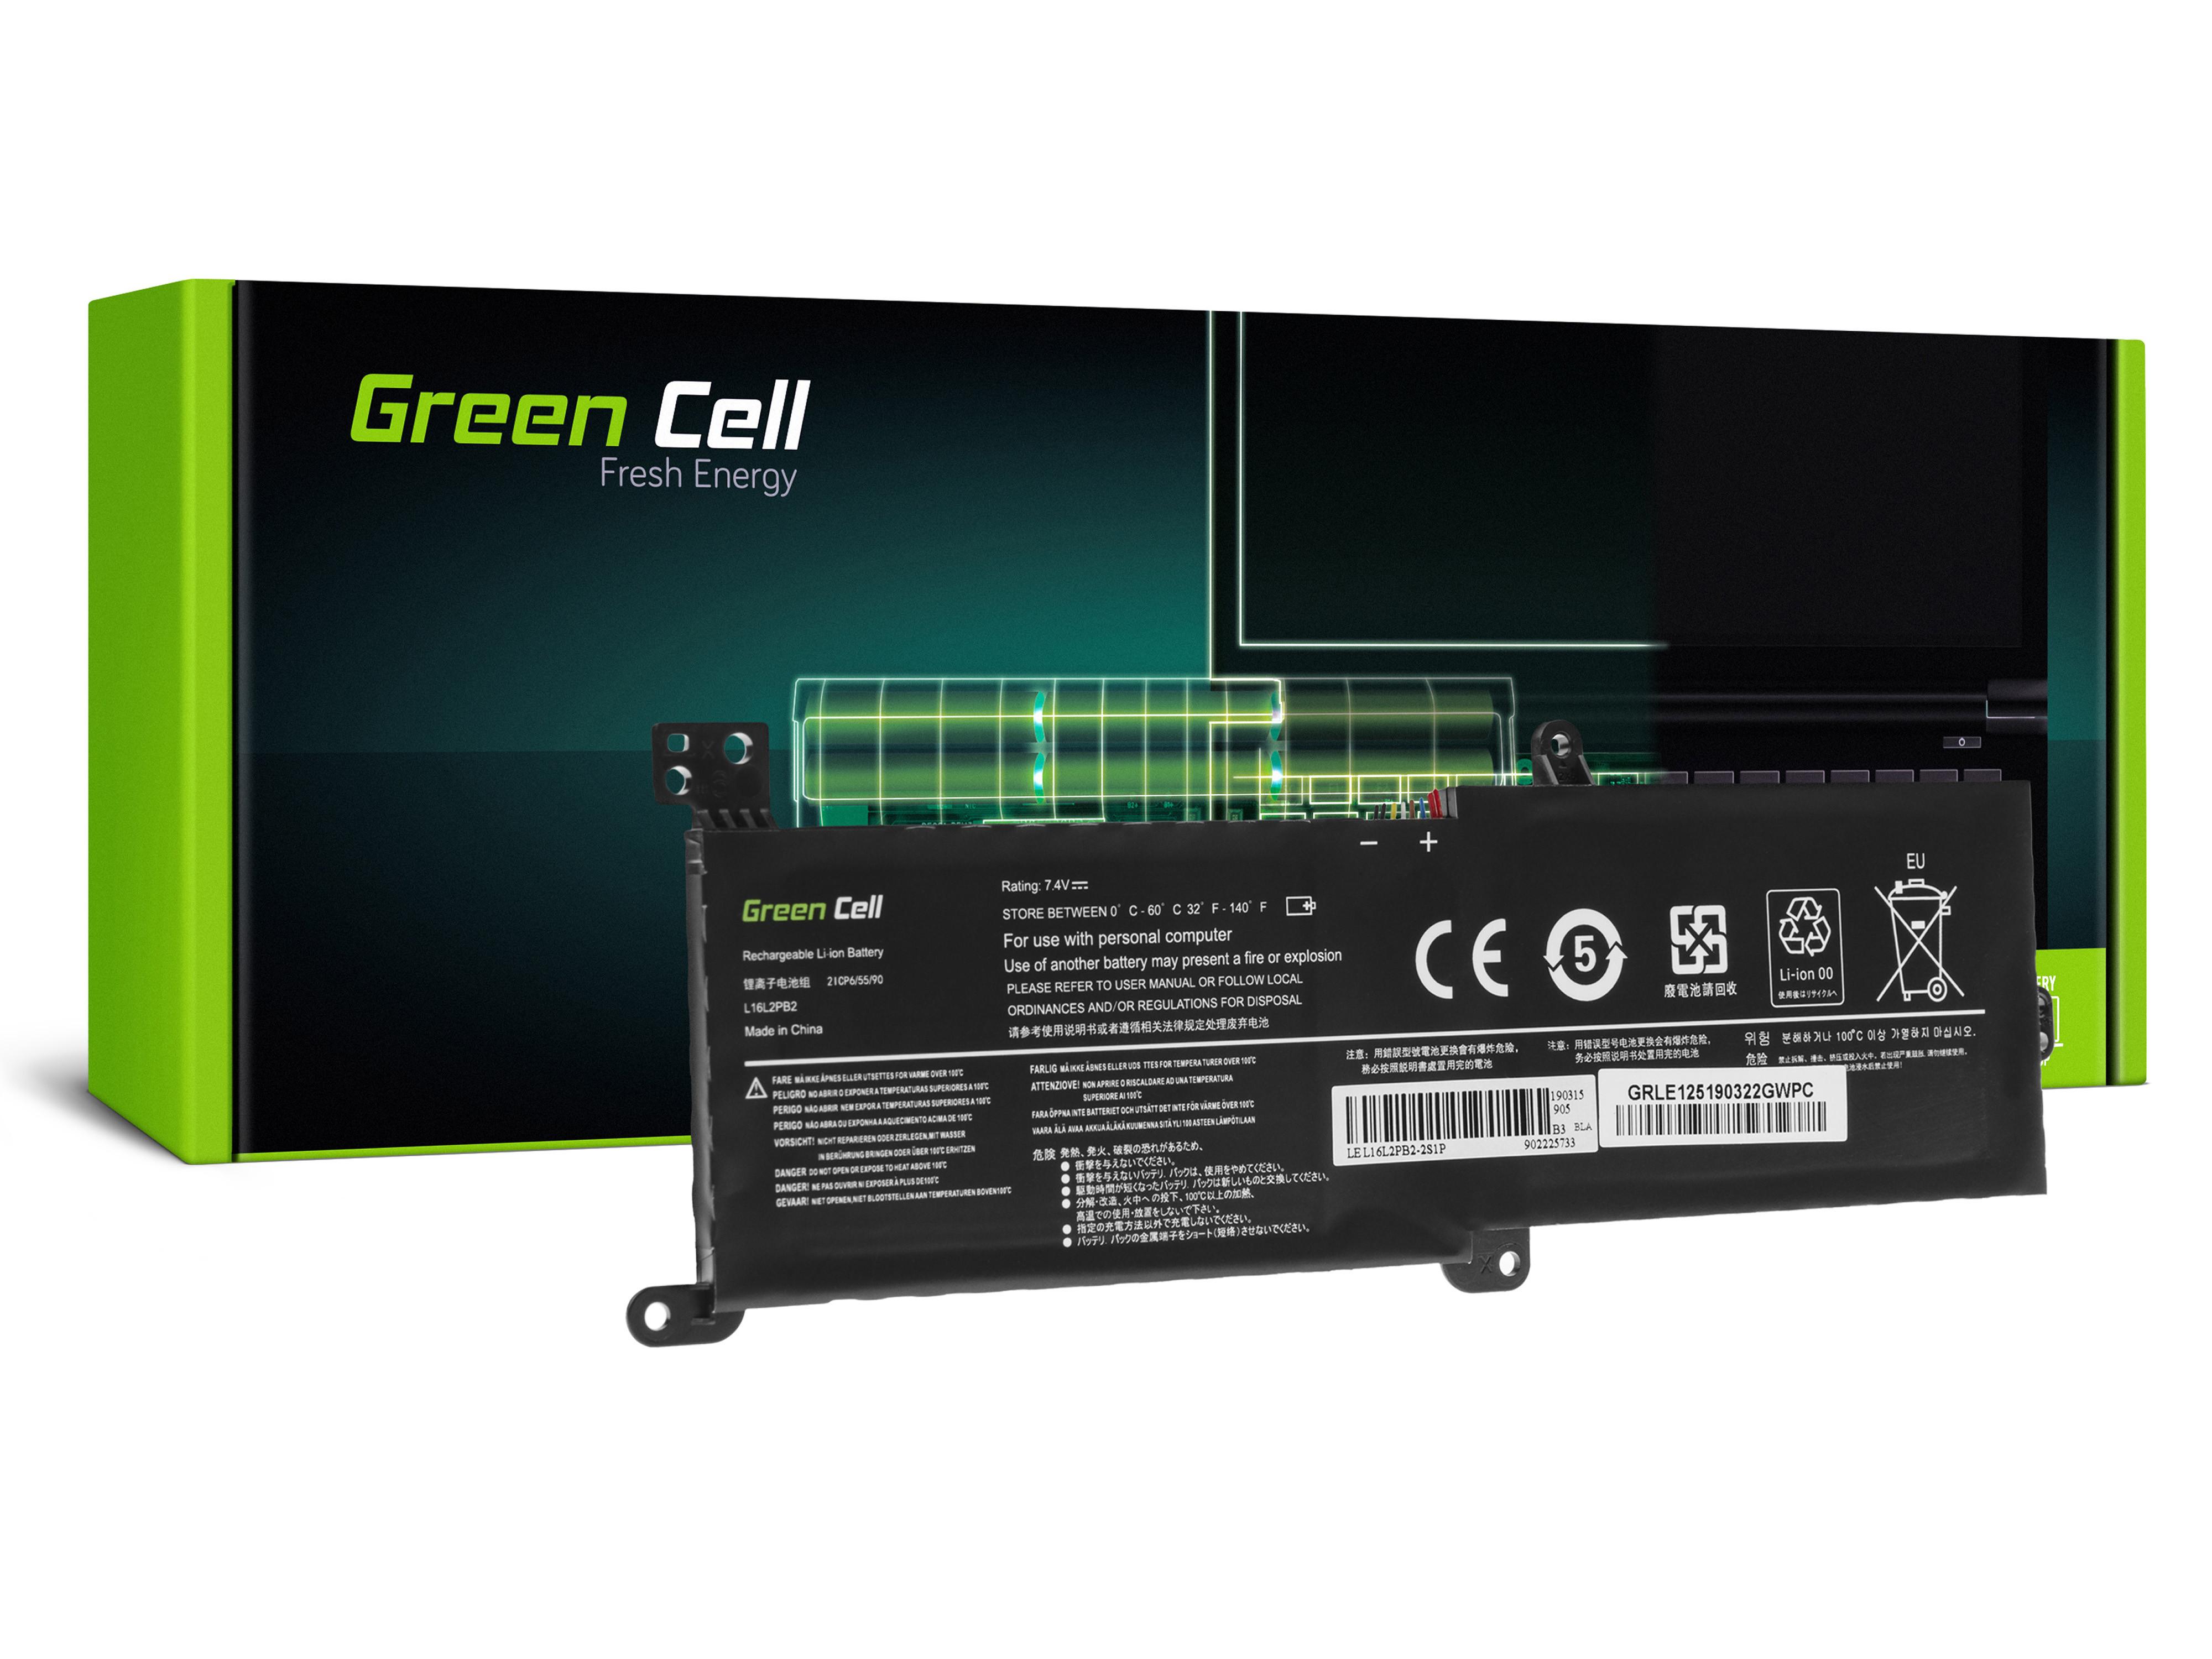 Green Cell LE125 Baterie Lenovo IdeaPad 320-14IKB 320-15ABR 320-15AST 320-15IAP 320-15IKB 320-15ISK 330-15IKB 520-15IKB 3500mAh Li-Pol – neoriginální